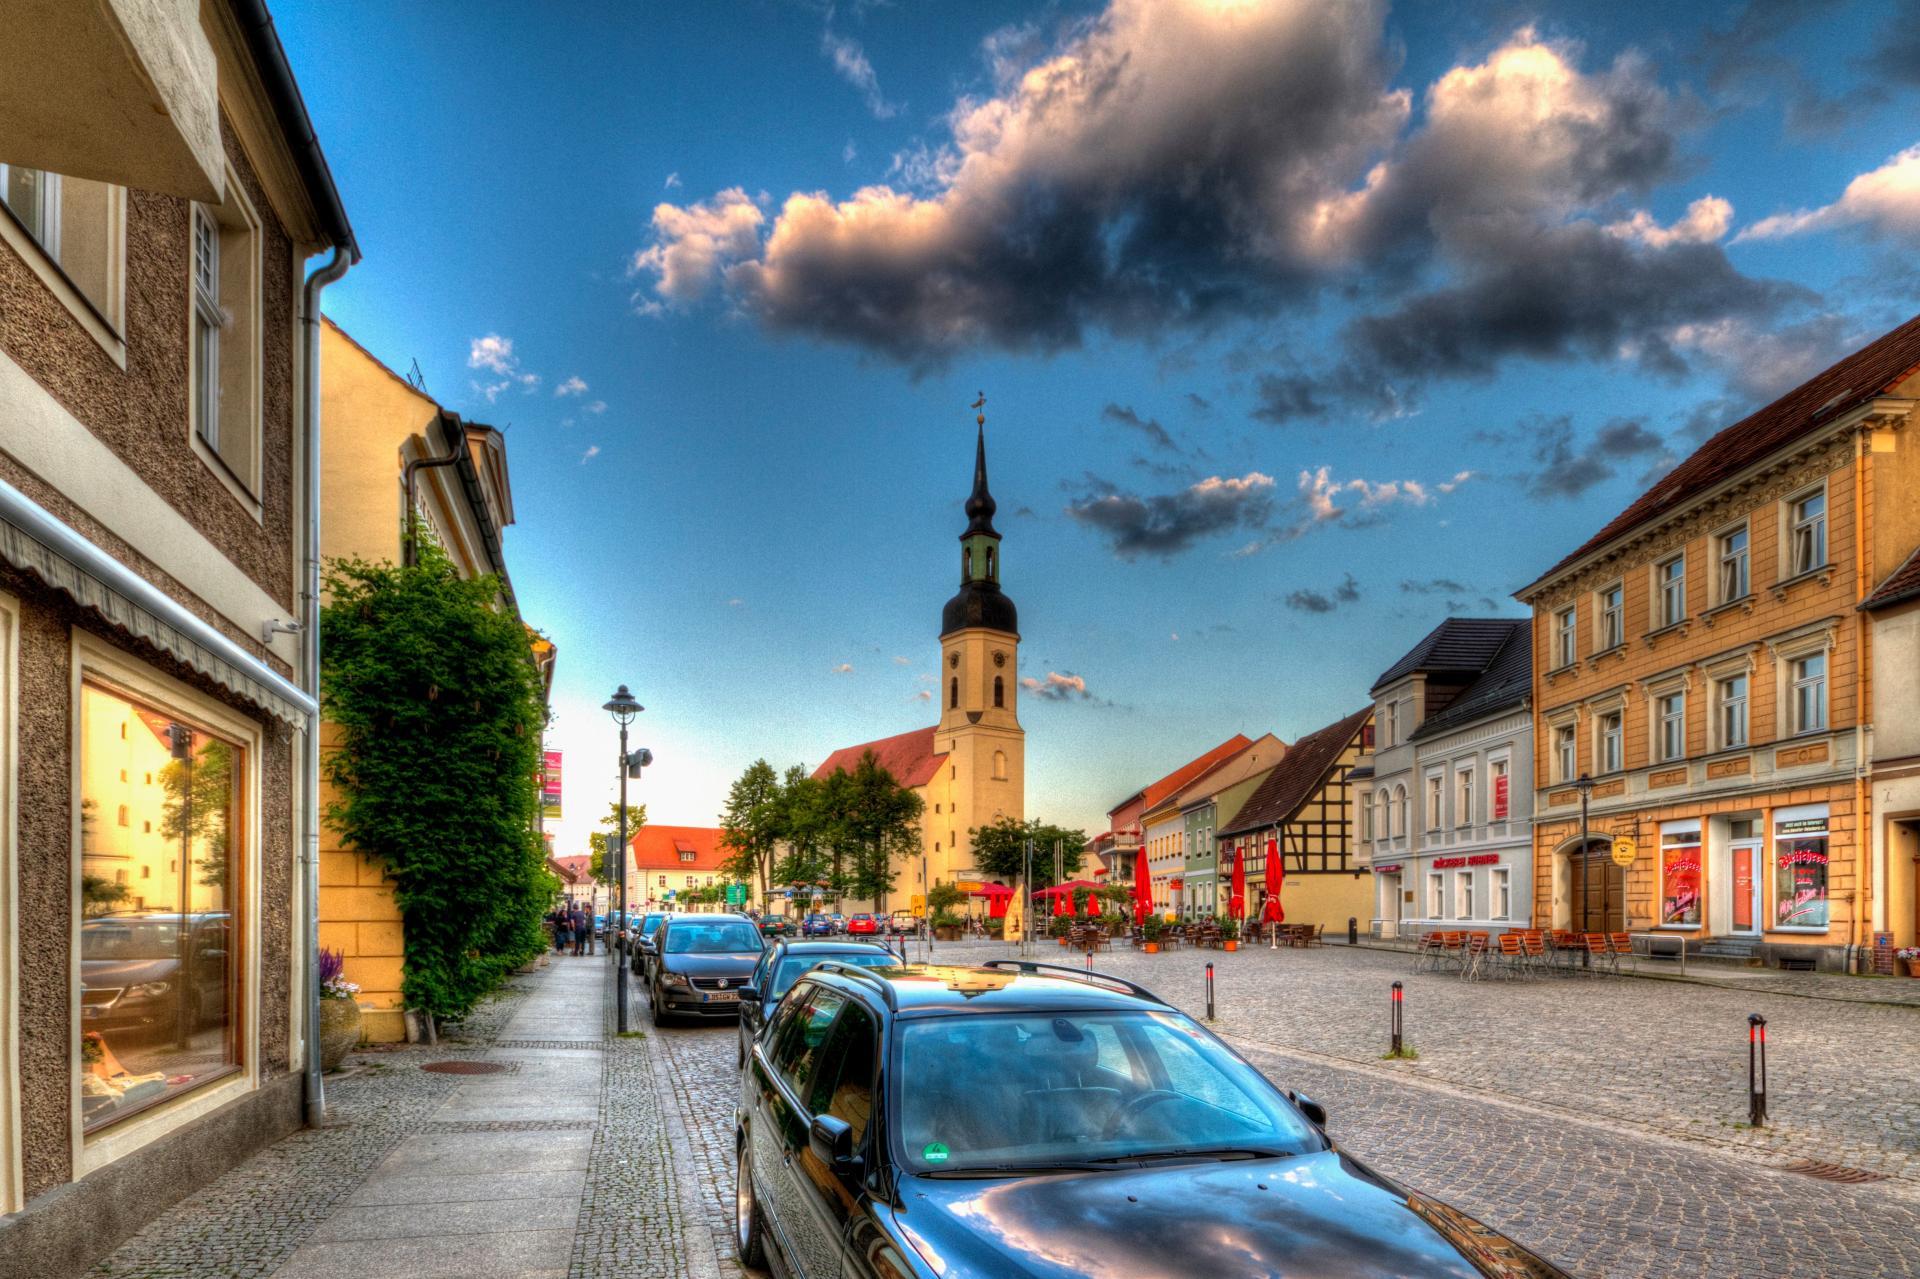 Altstadt von Lübbenau/Spreewald, Foto: Peter Becker